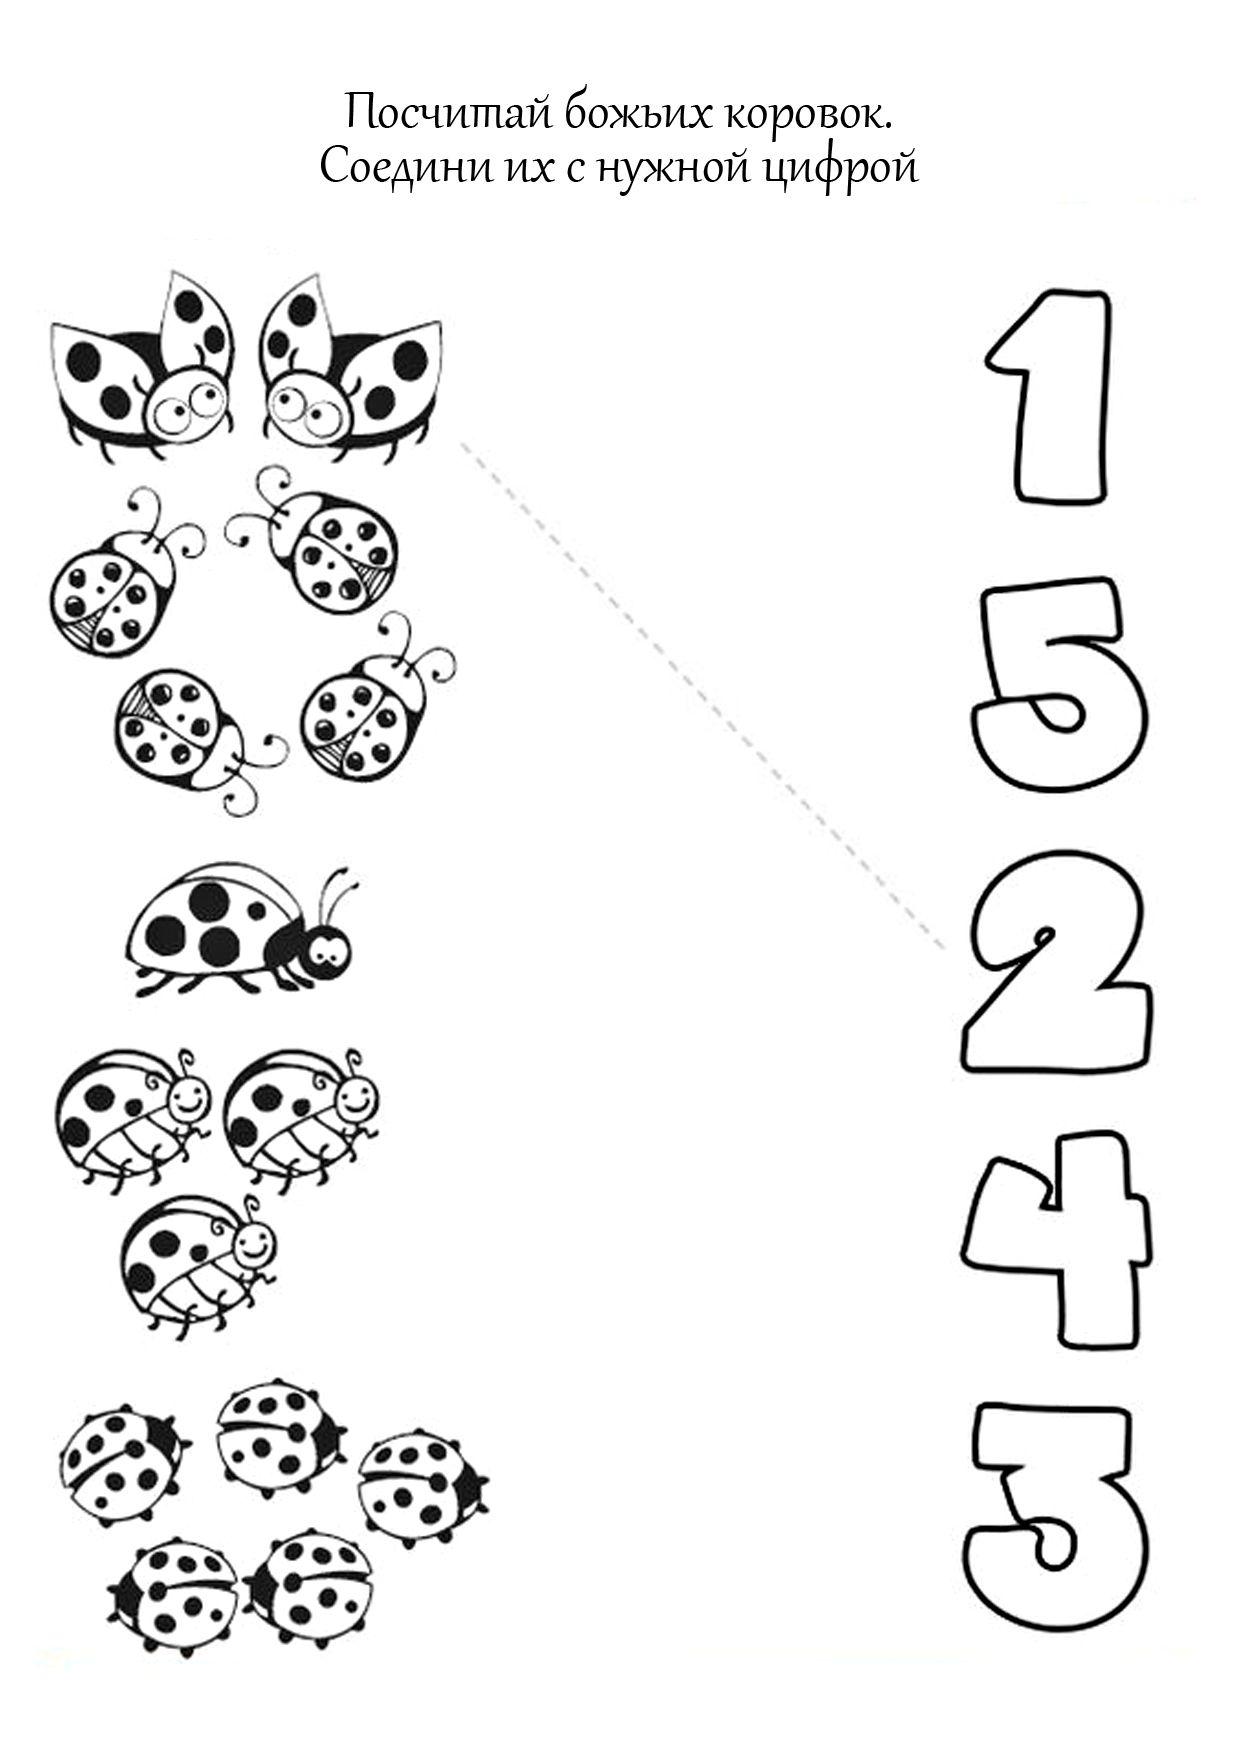 worksheet Ladybug Counting Worksheet